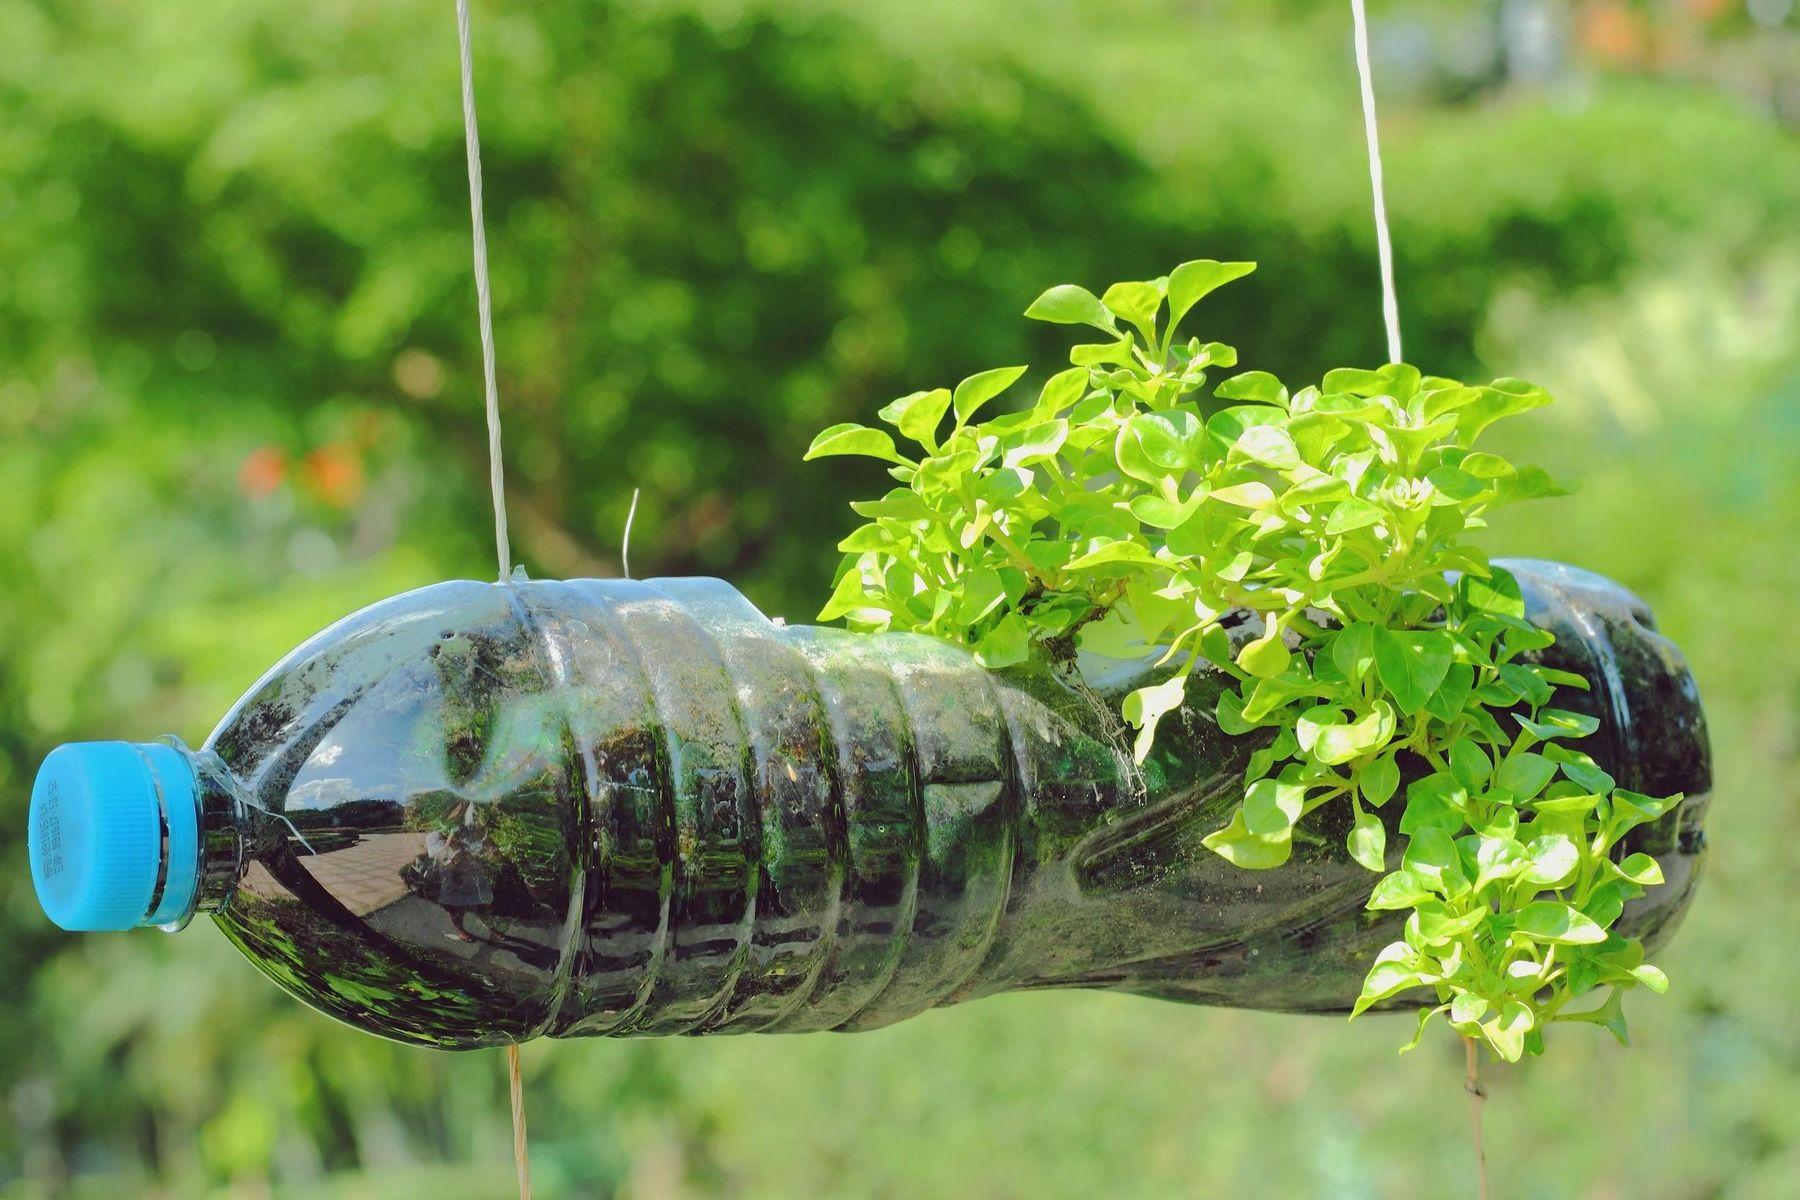 Step 4: Vaso feito com garrafa pet e planta